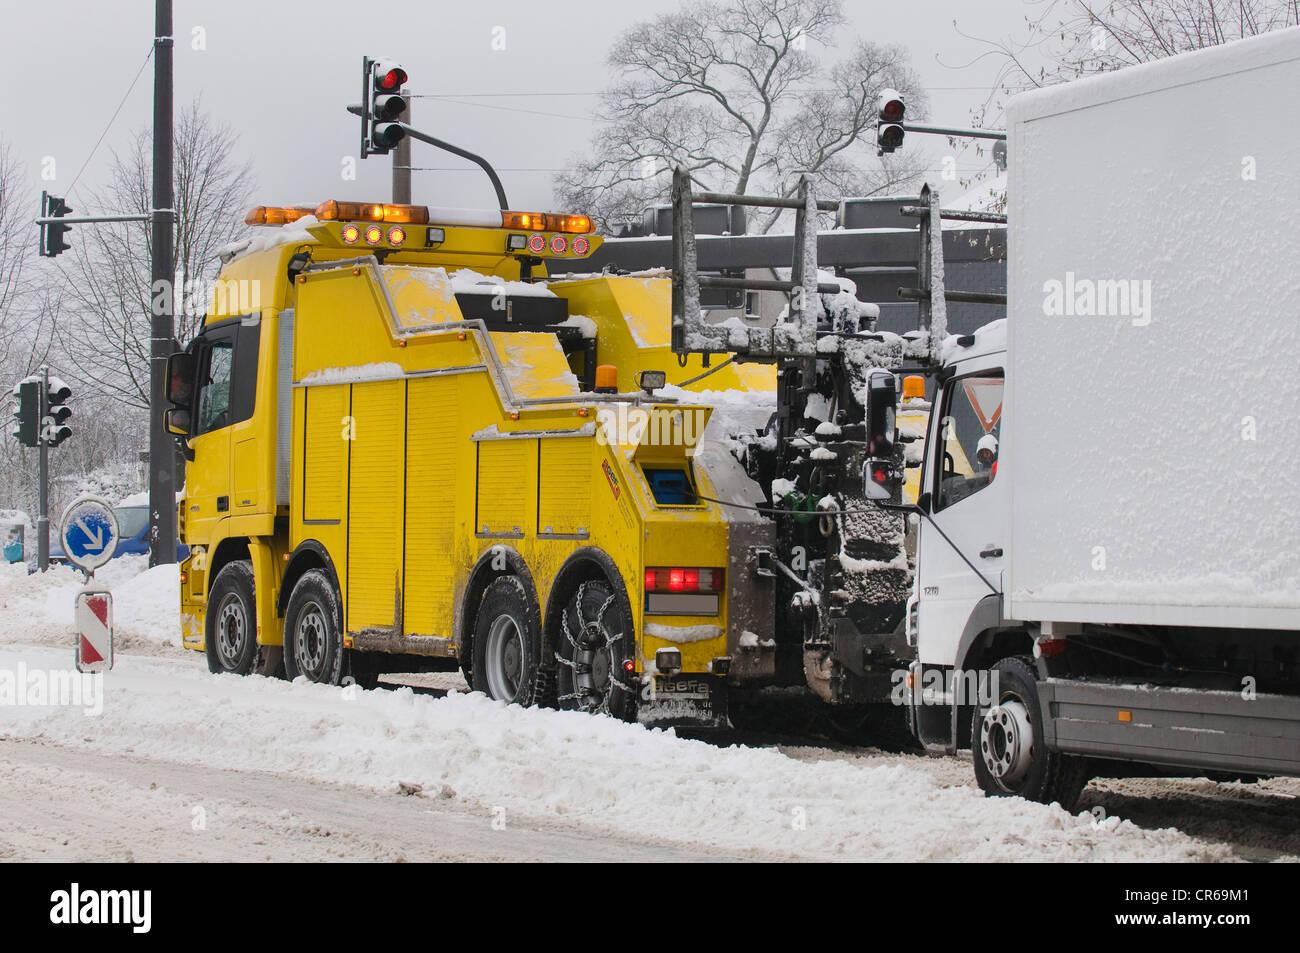 Winter, LKW geschleppt durch einen großen Abschleppwagen auf einer verschneiten Straße Stockbild